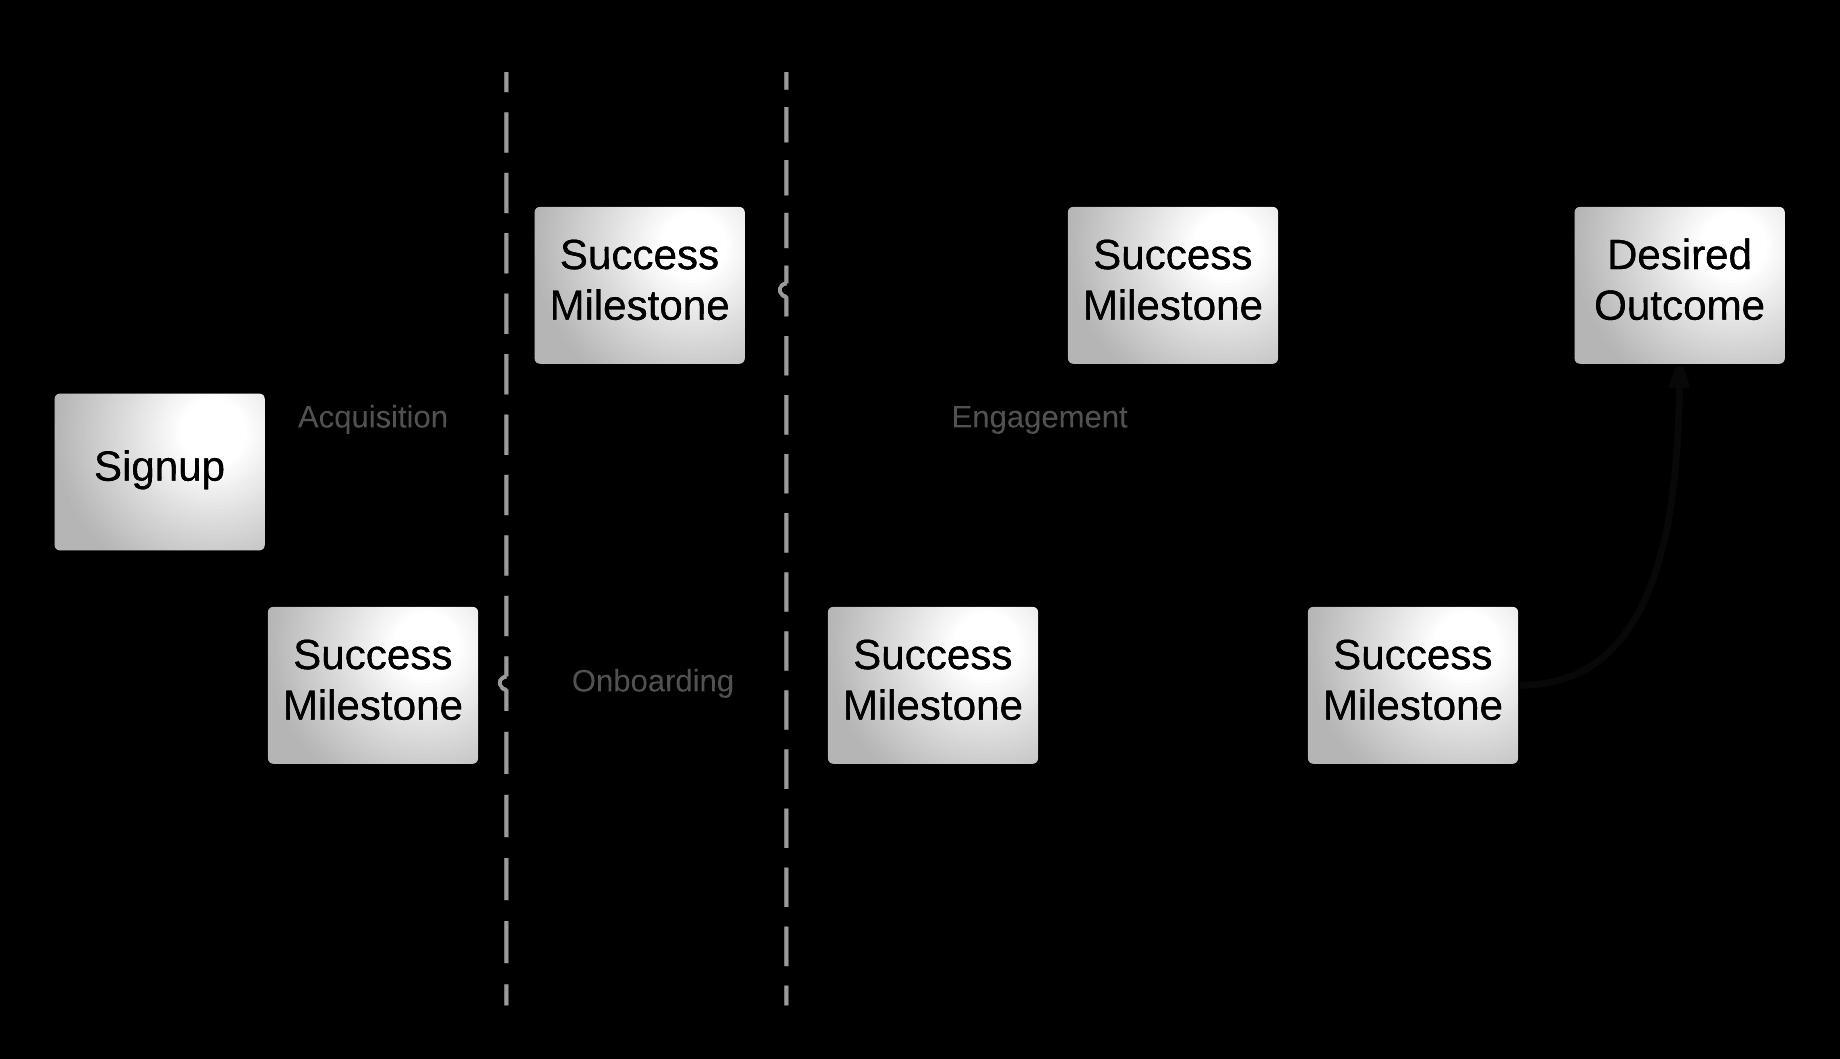 Desired Outcome - Success Milestones